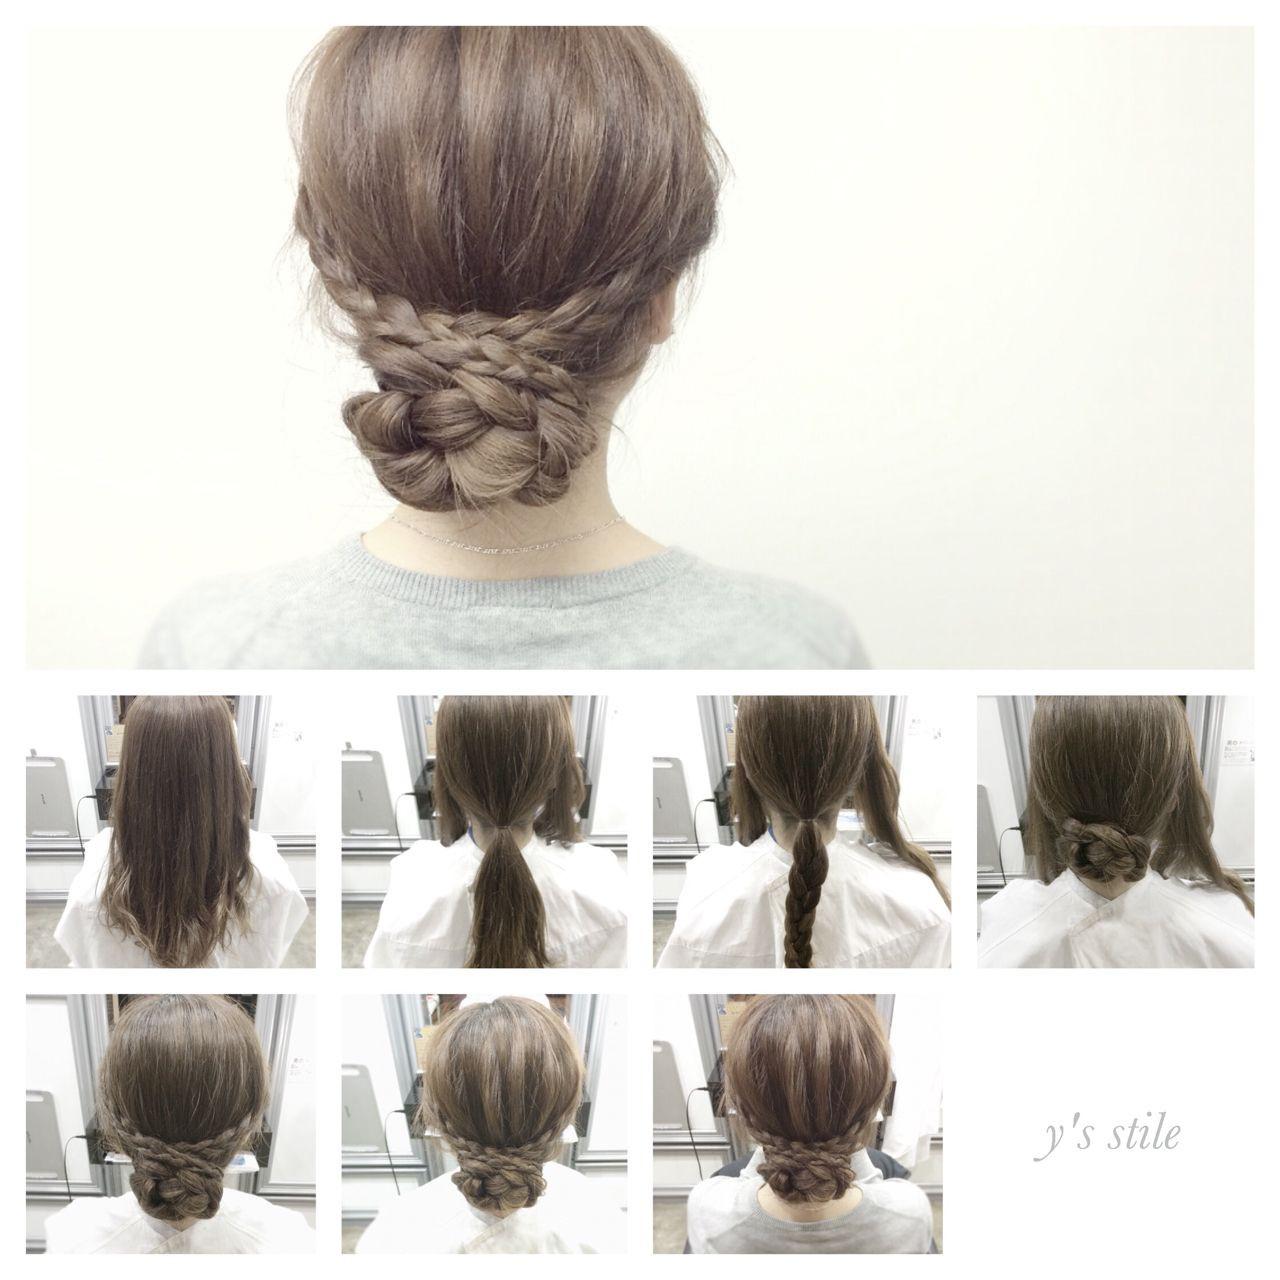 アップスタイル ミディアム ナチュラル ヘアアレンジ ヘアスタイルや髪型の写真・画像